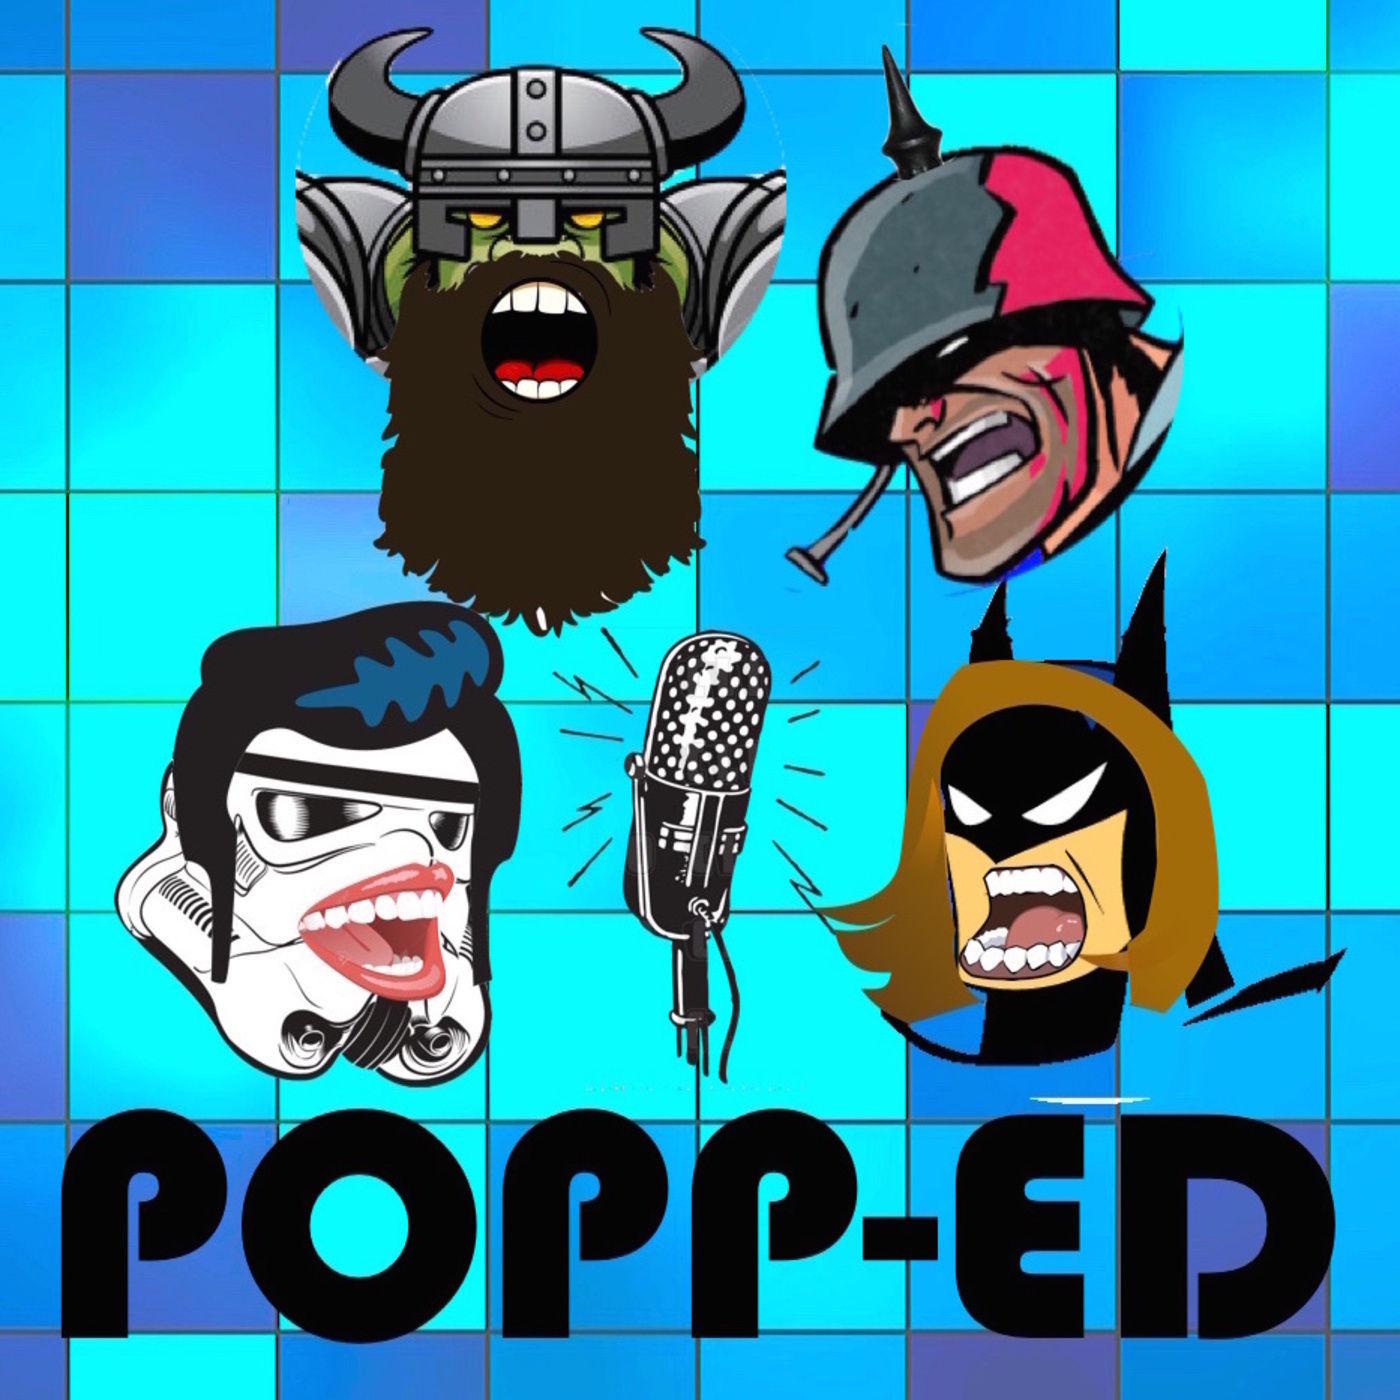 Popp-ED